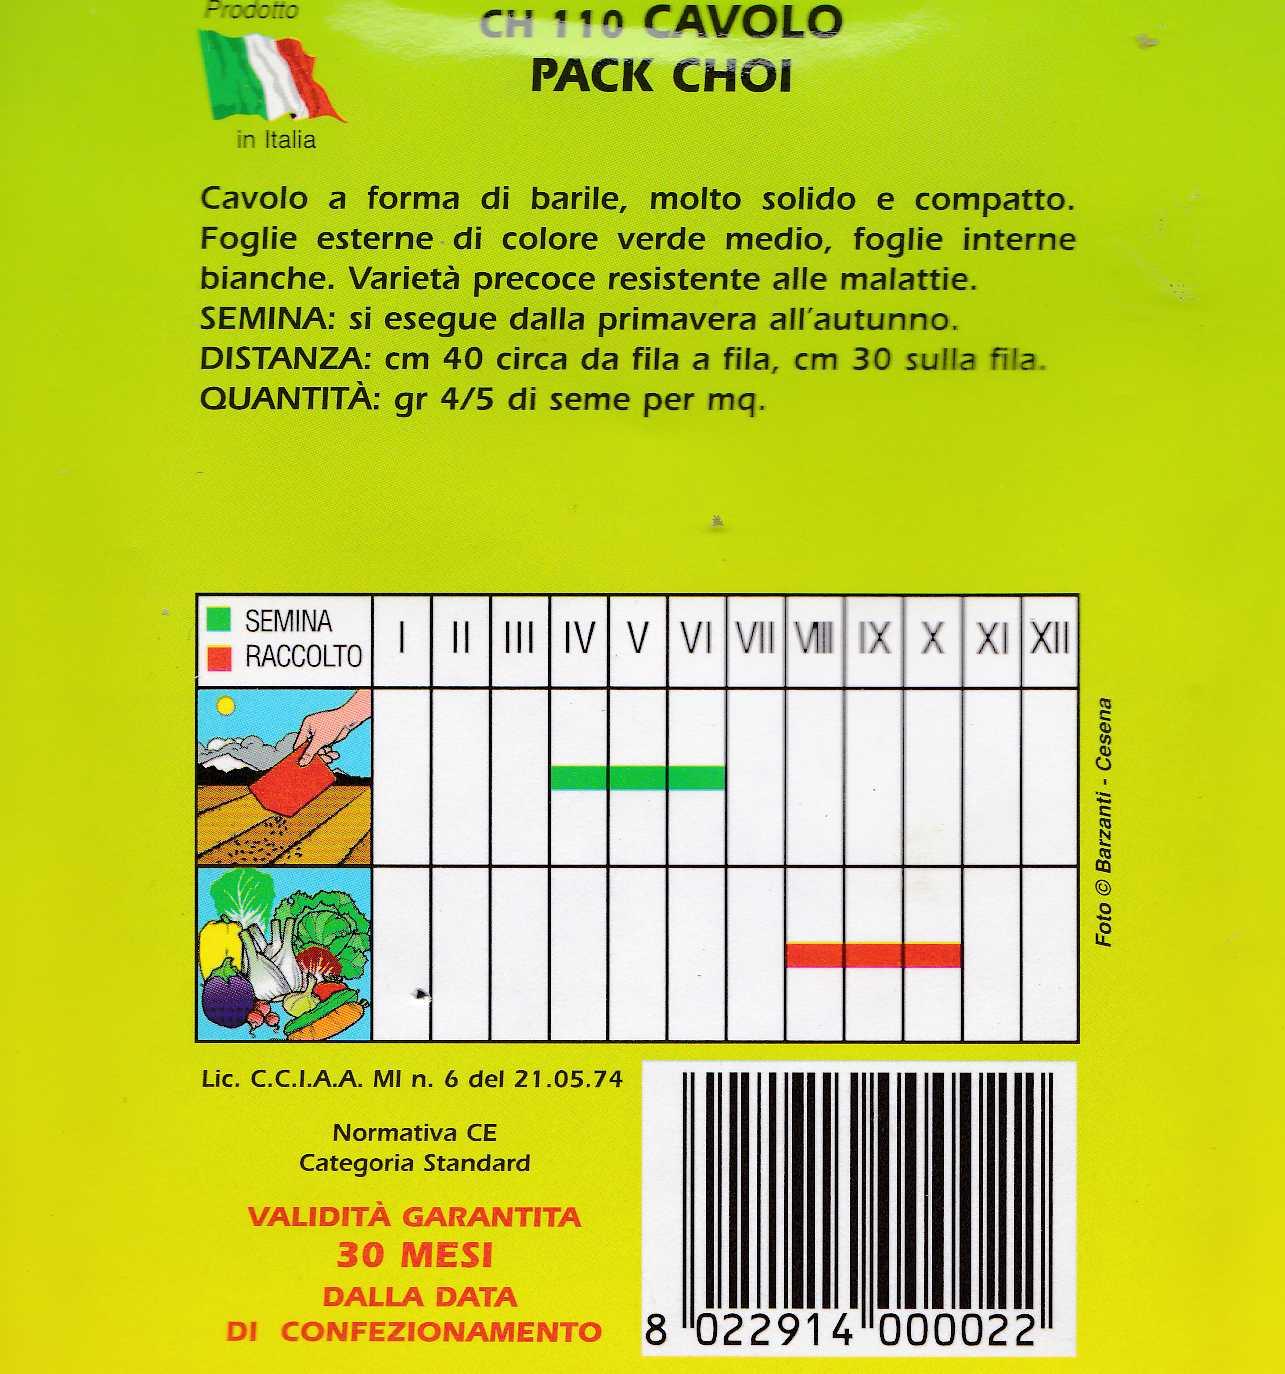 pack choi3471